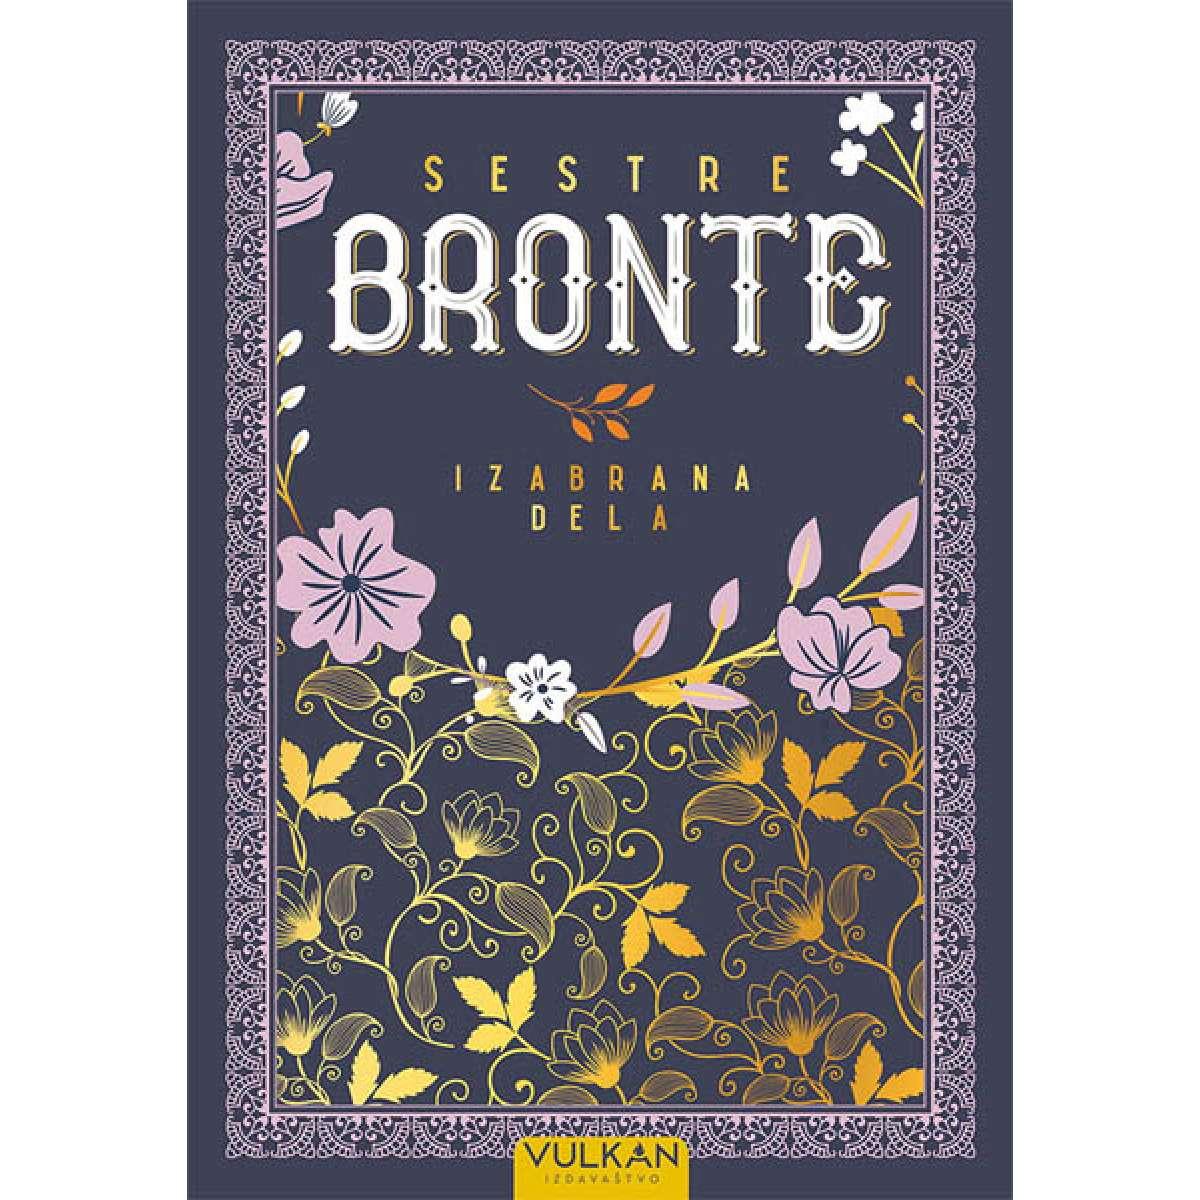 SESTRE BRONTE: IZABRANA DELA